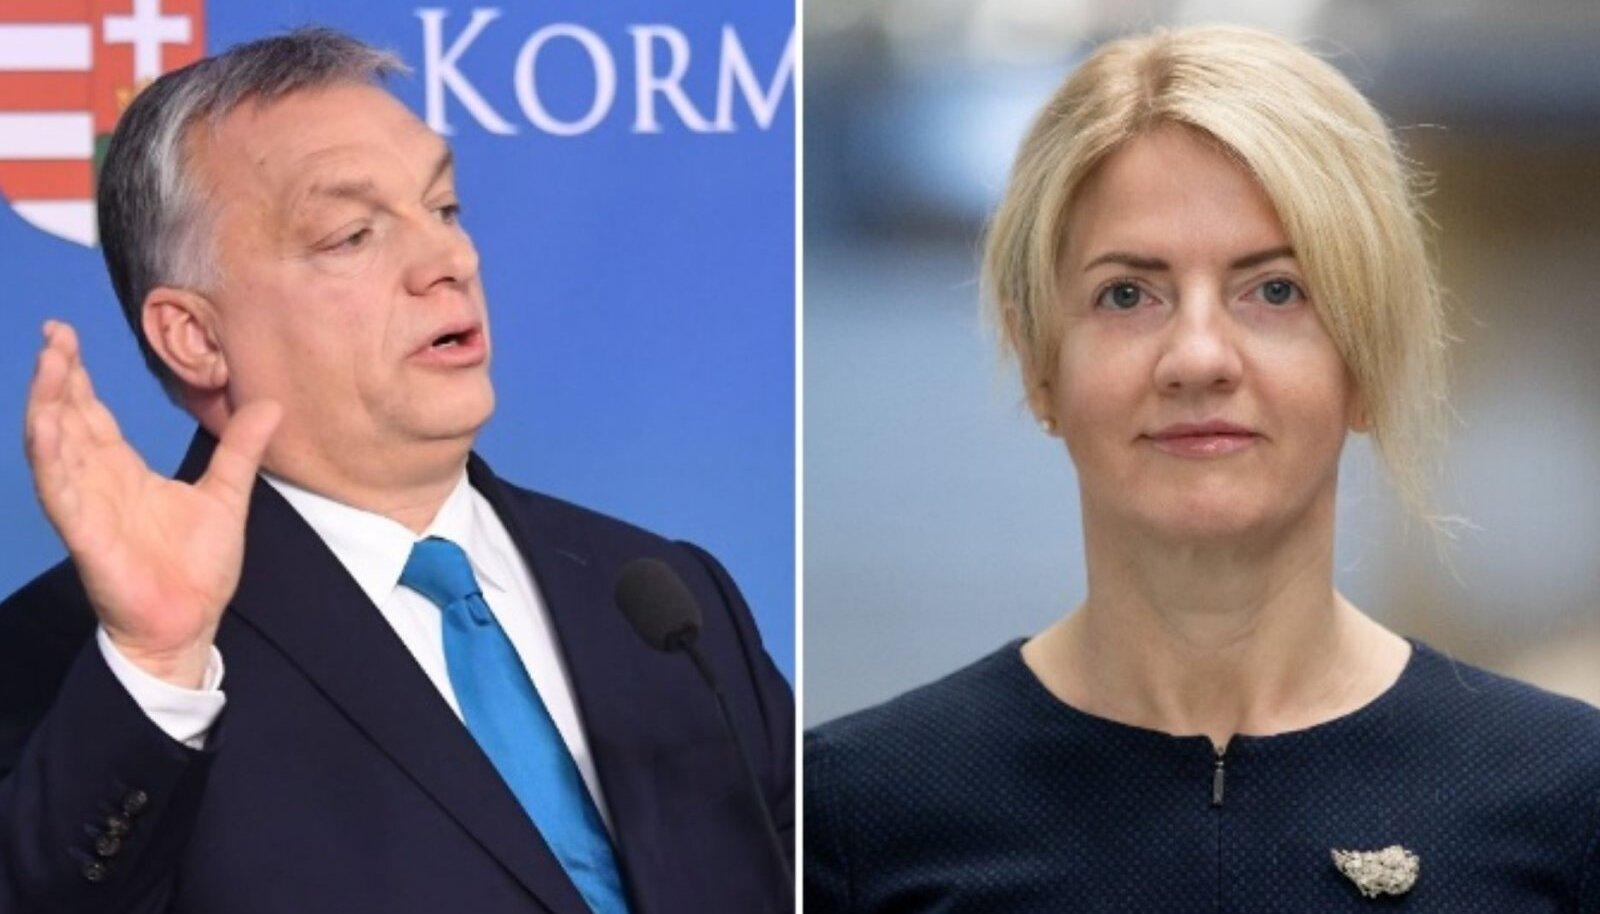 Viktor Orbán ja Eva-Maria Liimets